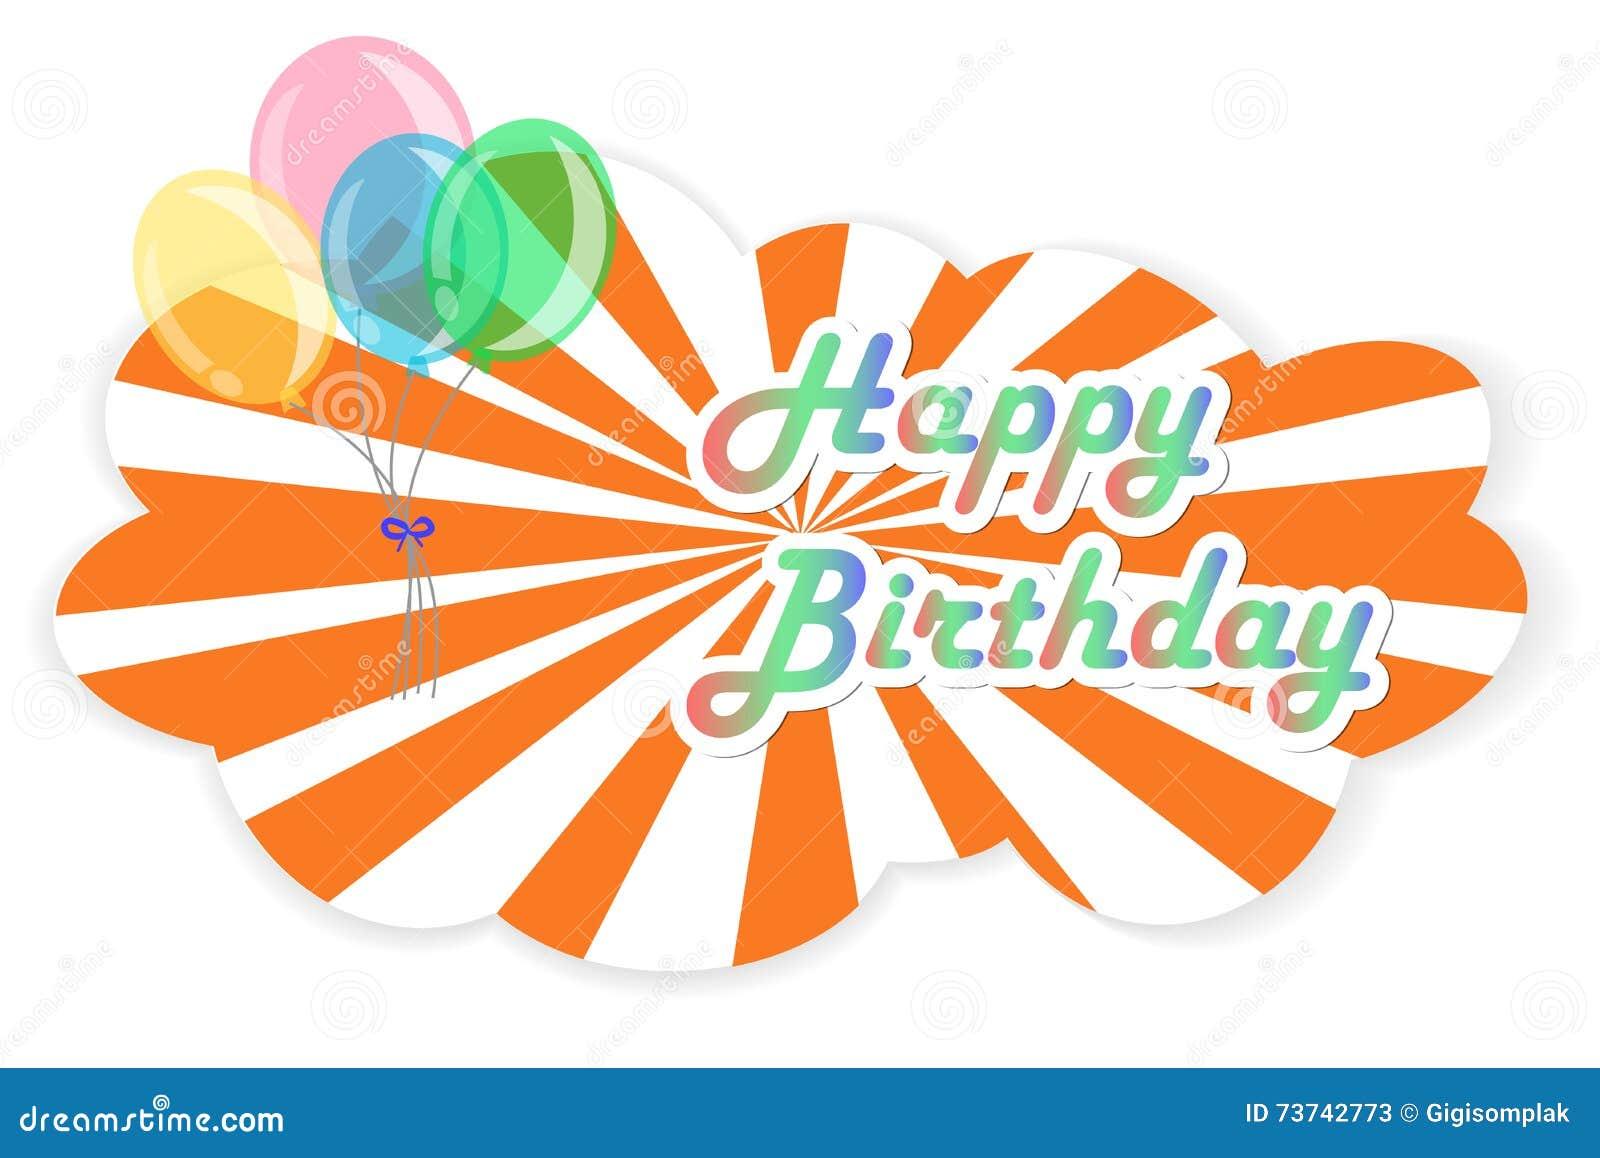 Alles Gute zum Geburtstag der Grußkarte